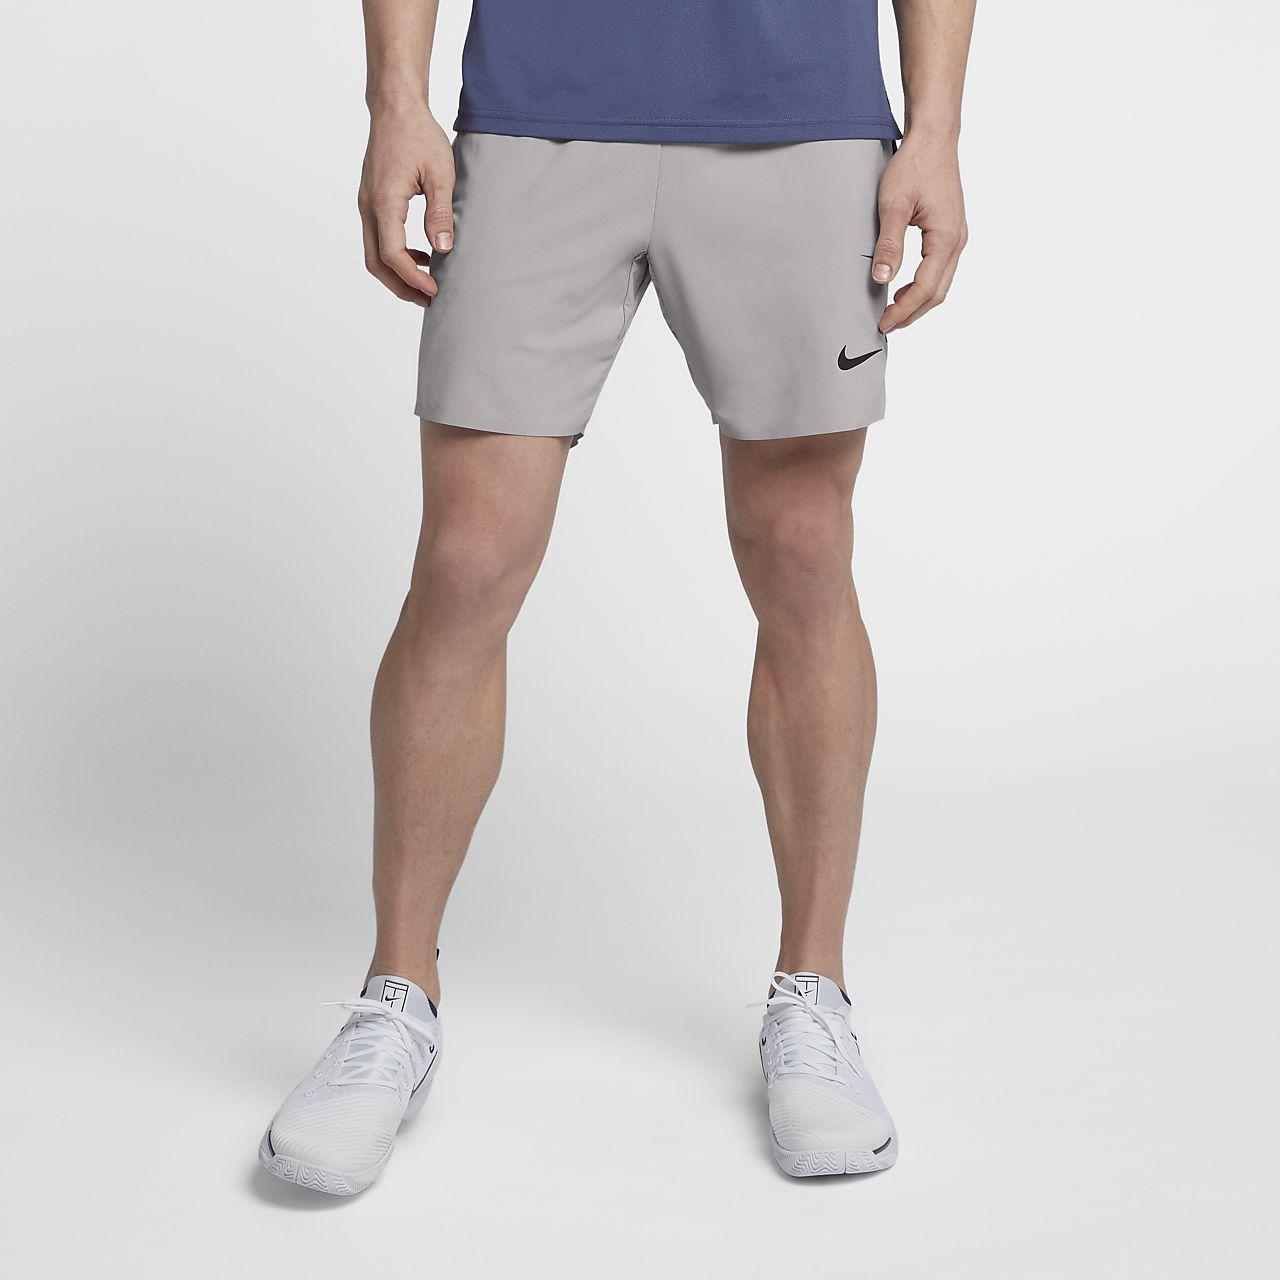 eba7ec8d64 Nike Court Flex Ace Pro Short pour Homme L Atmosphere Grey Black Muma cour  Chaussure